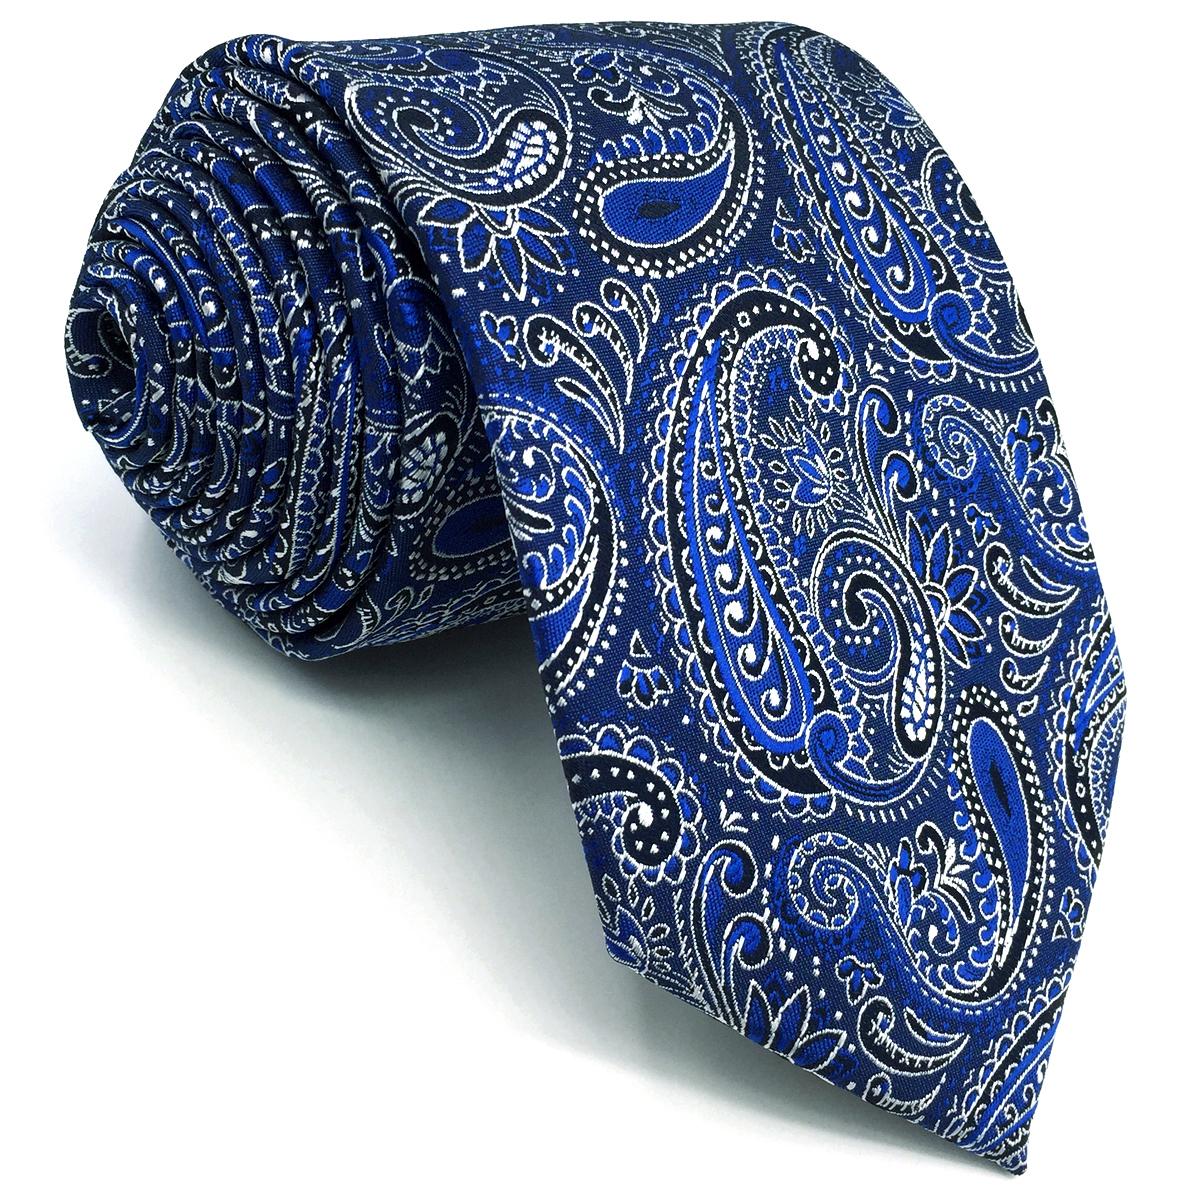 d48a9b45ec1f E2 Fashion Necktie Tie For Men Royal Blue Paisley 63